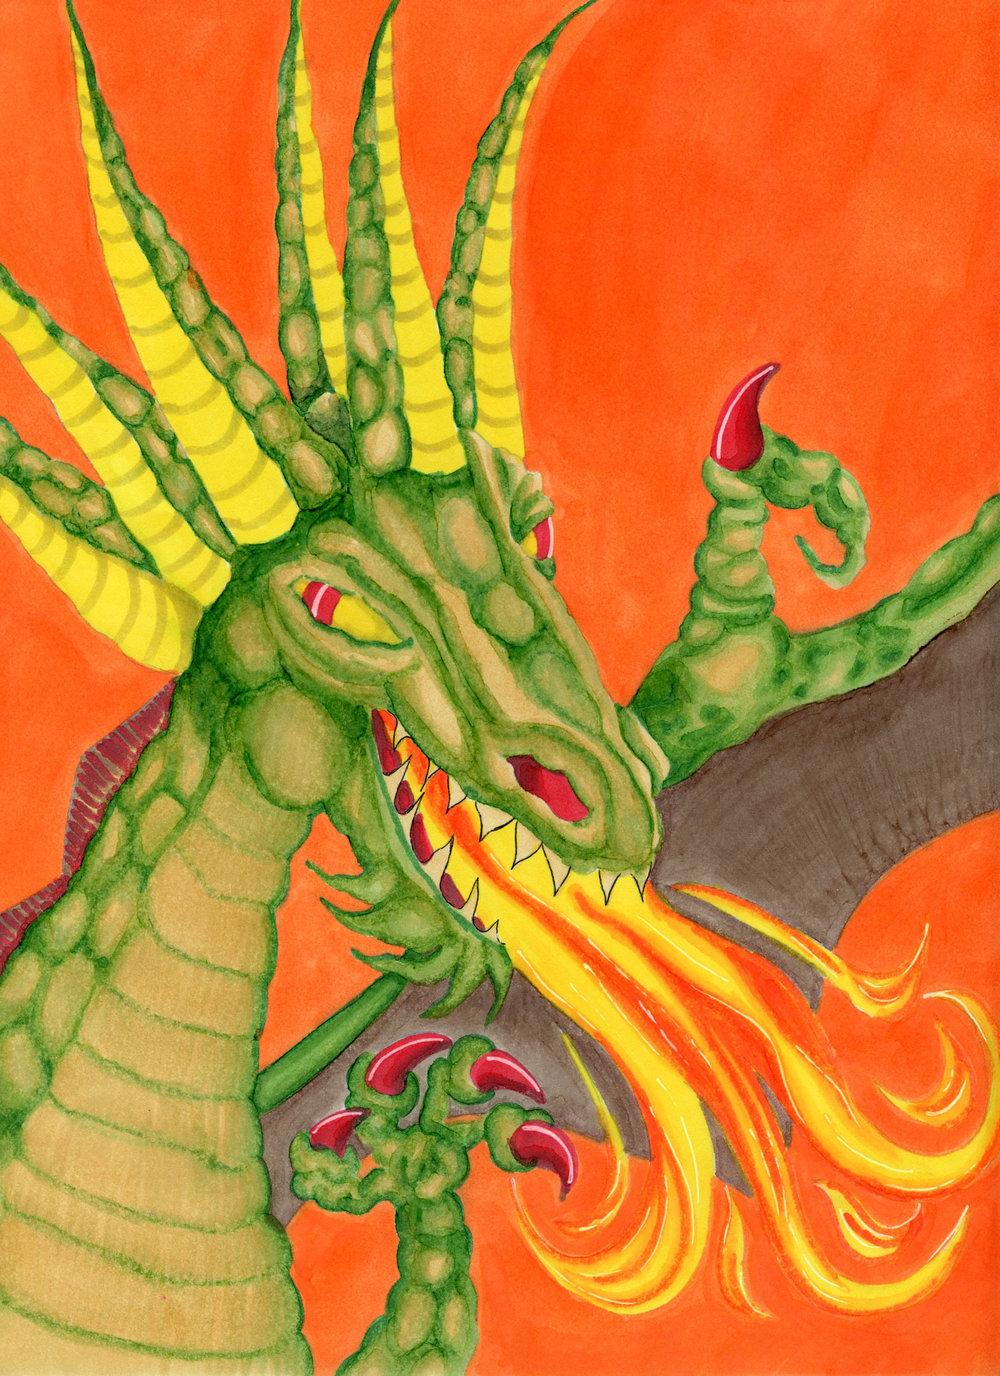 dragon_012217.jpg